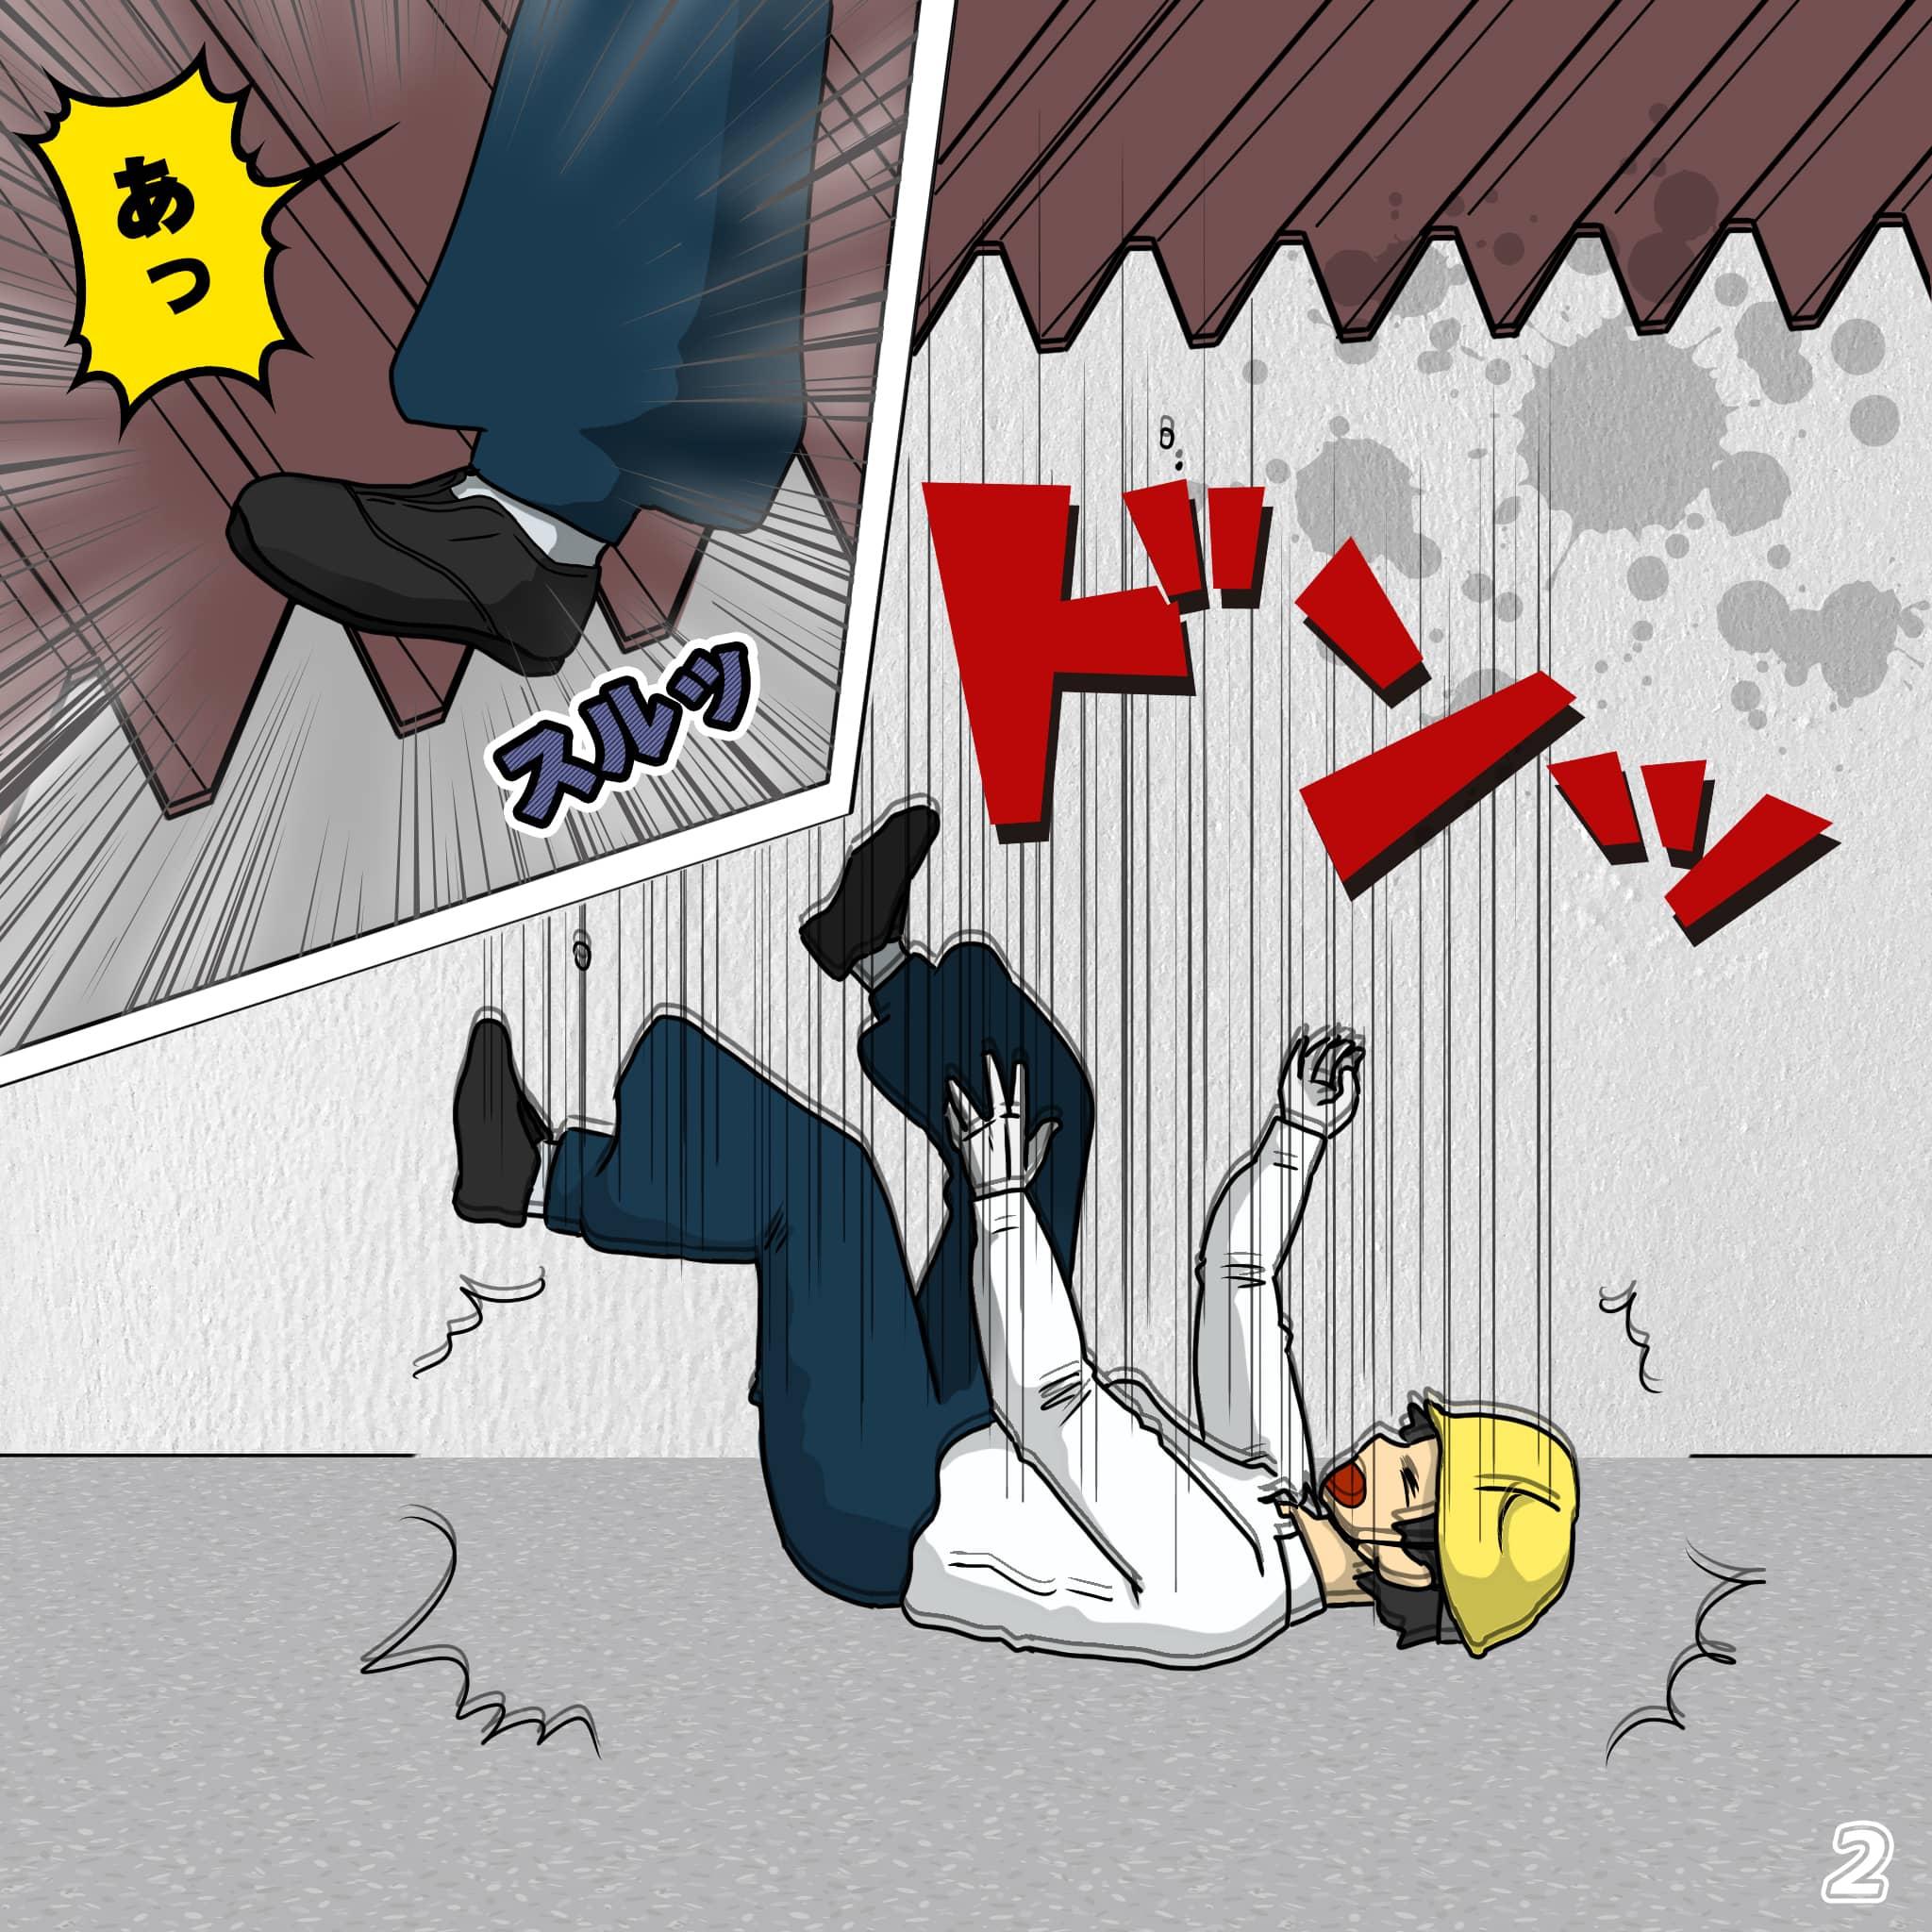 そのまま屋根端部屋根より足をつまづき地面まで墜落するマンガ